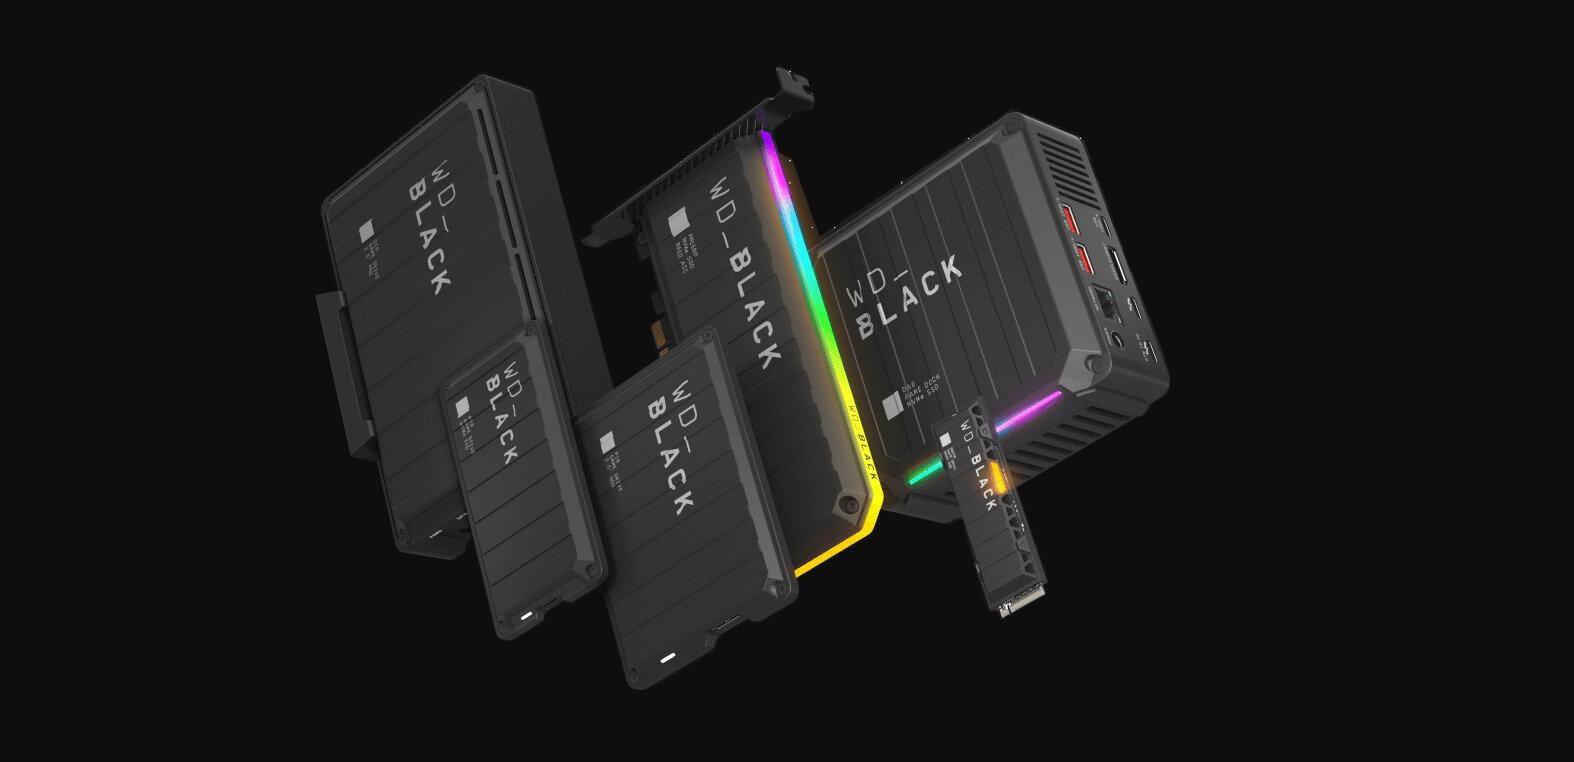 SSD SN850, AN1500 et Dock D50 : Western Digital multiplie les nouveautés, à pleine vitesse